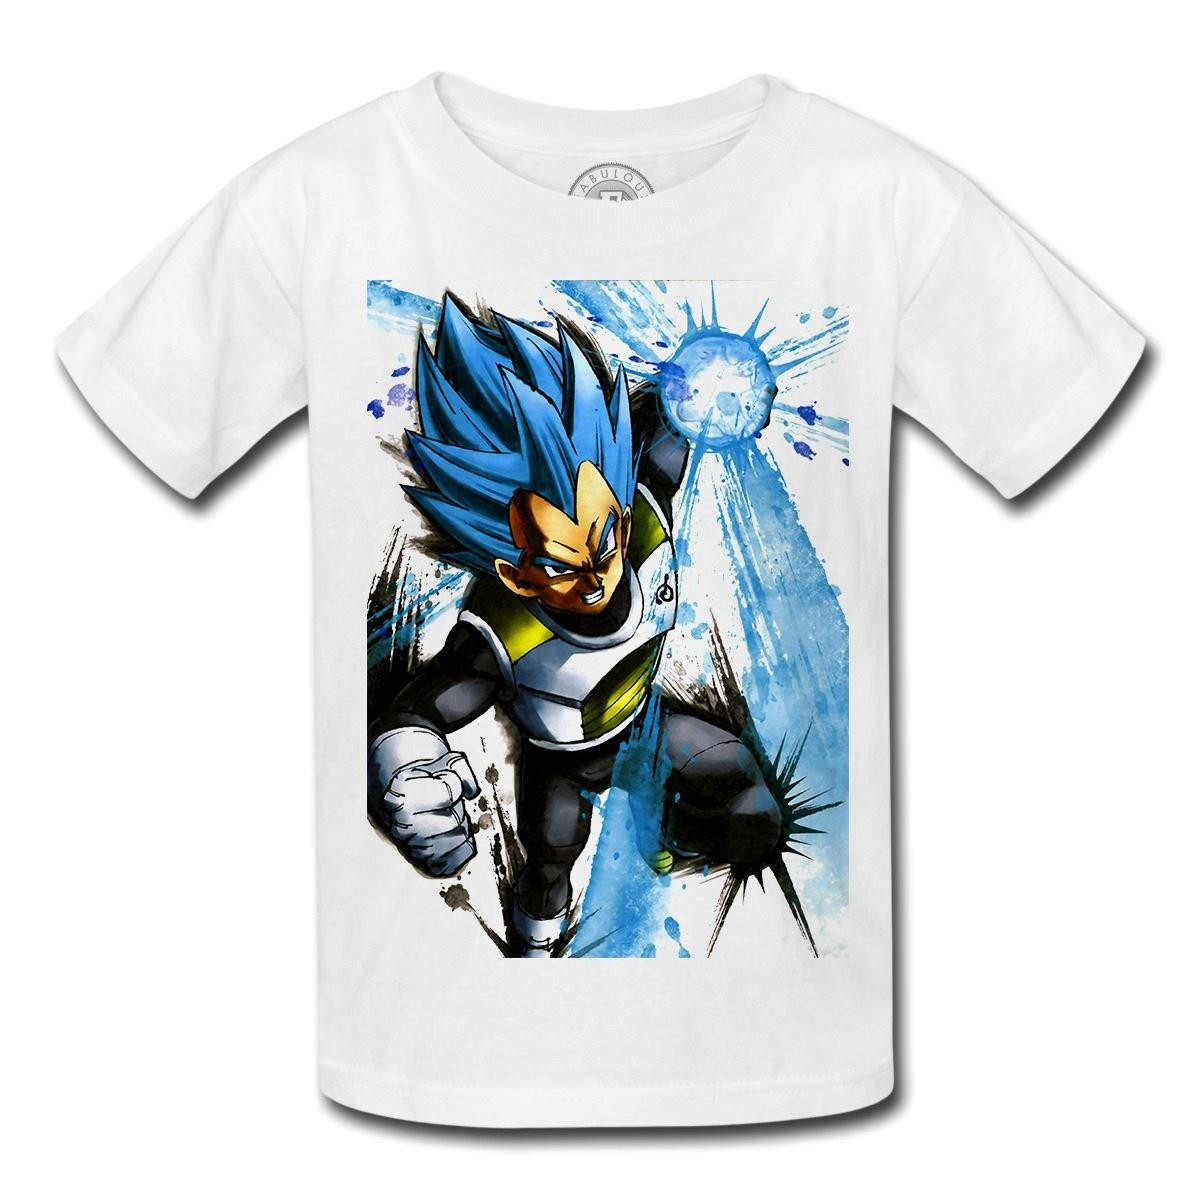 Vêtements, Accessoires Cheap Price T-shirt Enfant God Goku Dragon Ball Super Cheveux Bleu Sangoku Dbz Manga Enfants: Vêtements, Access.